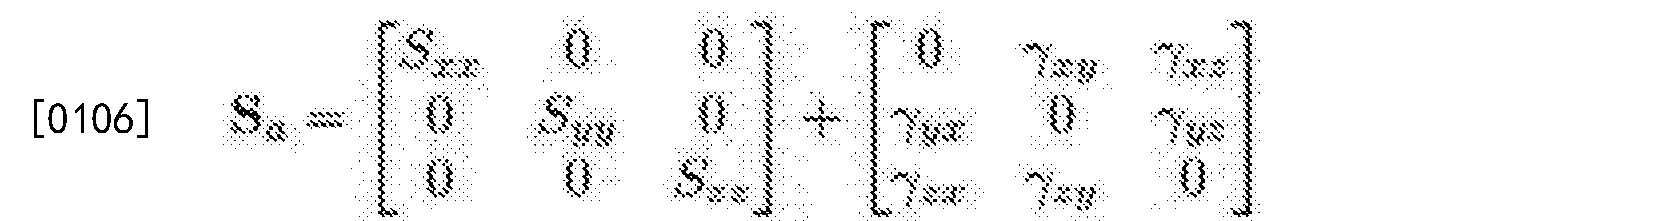 Figure CN104736963BD00153